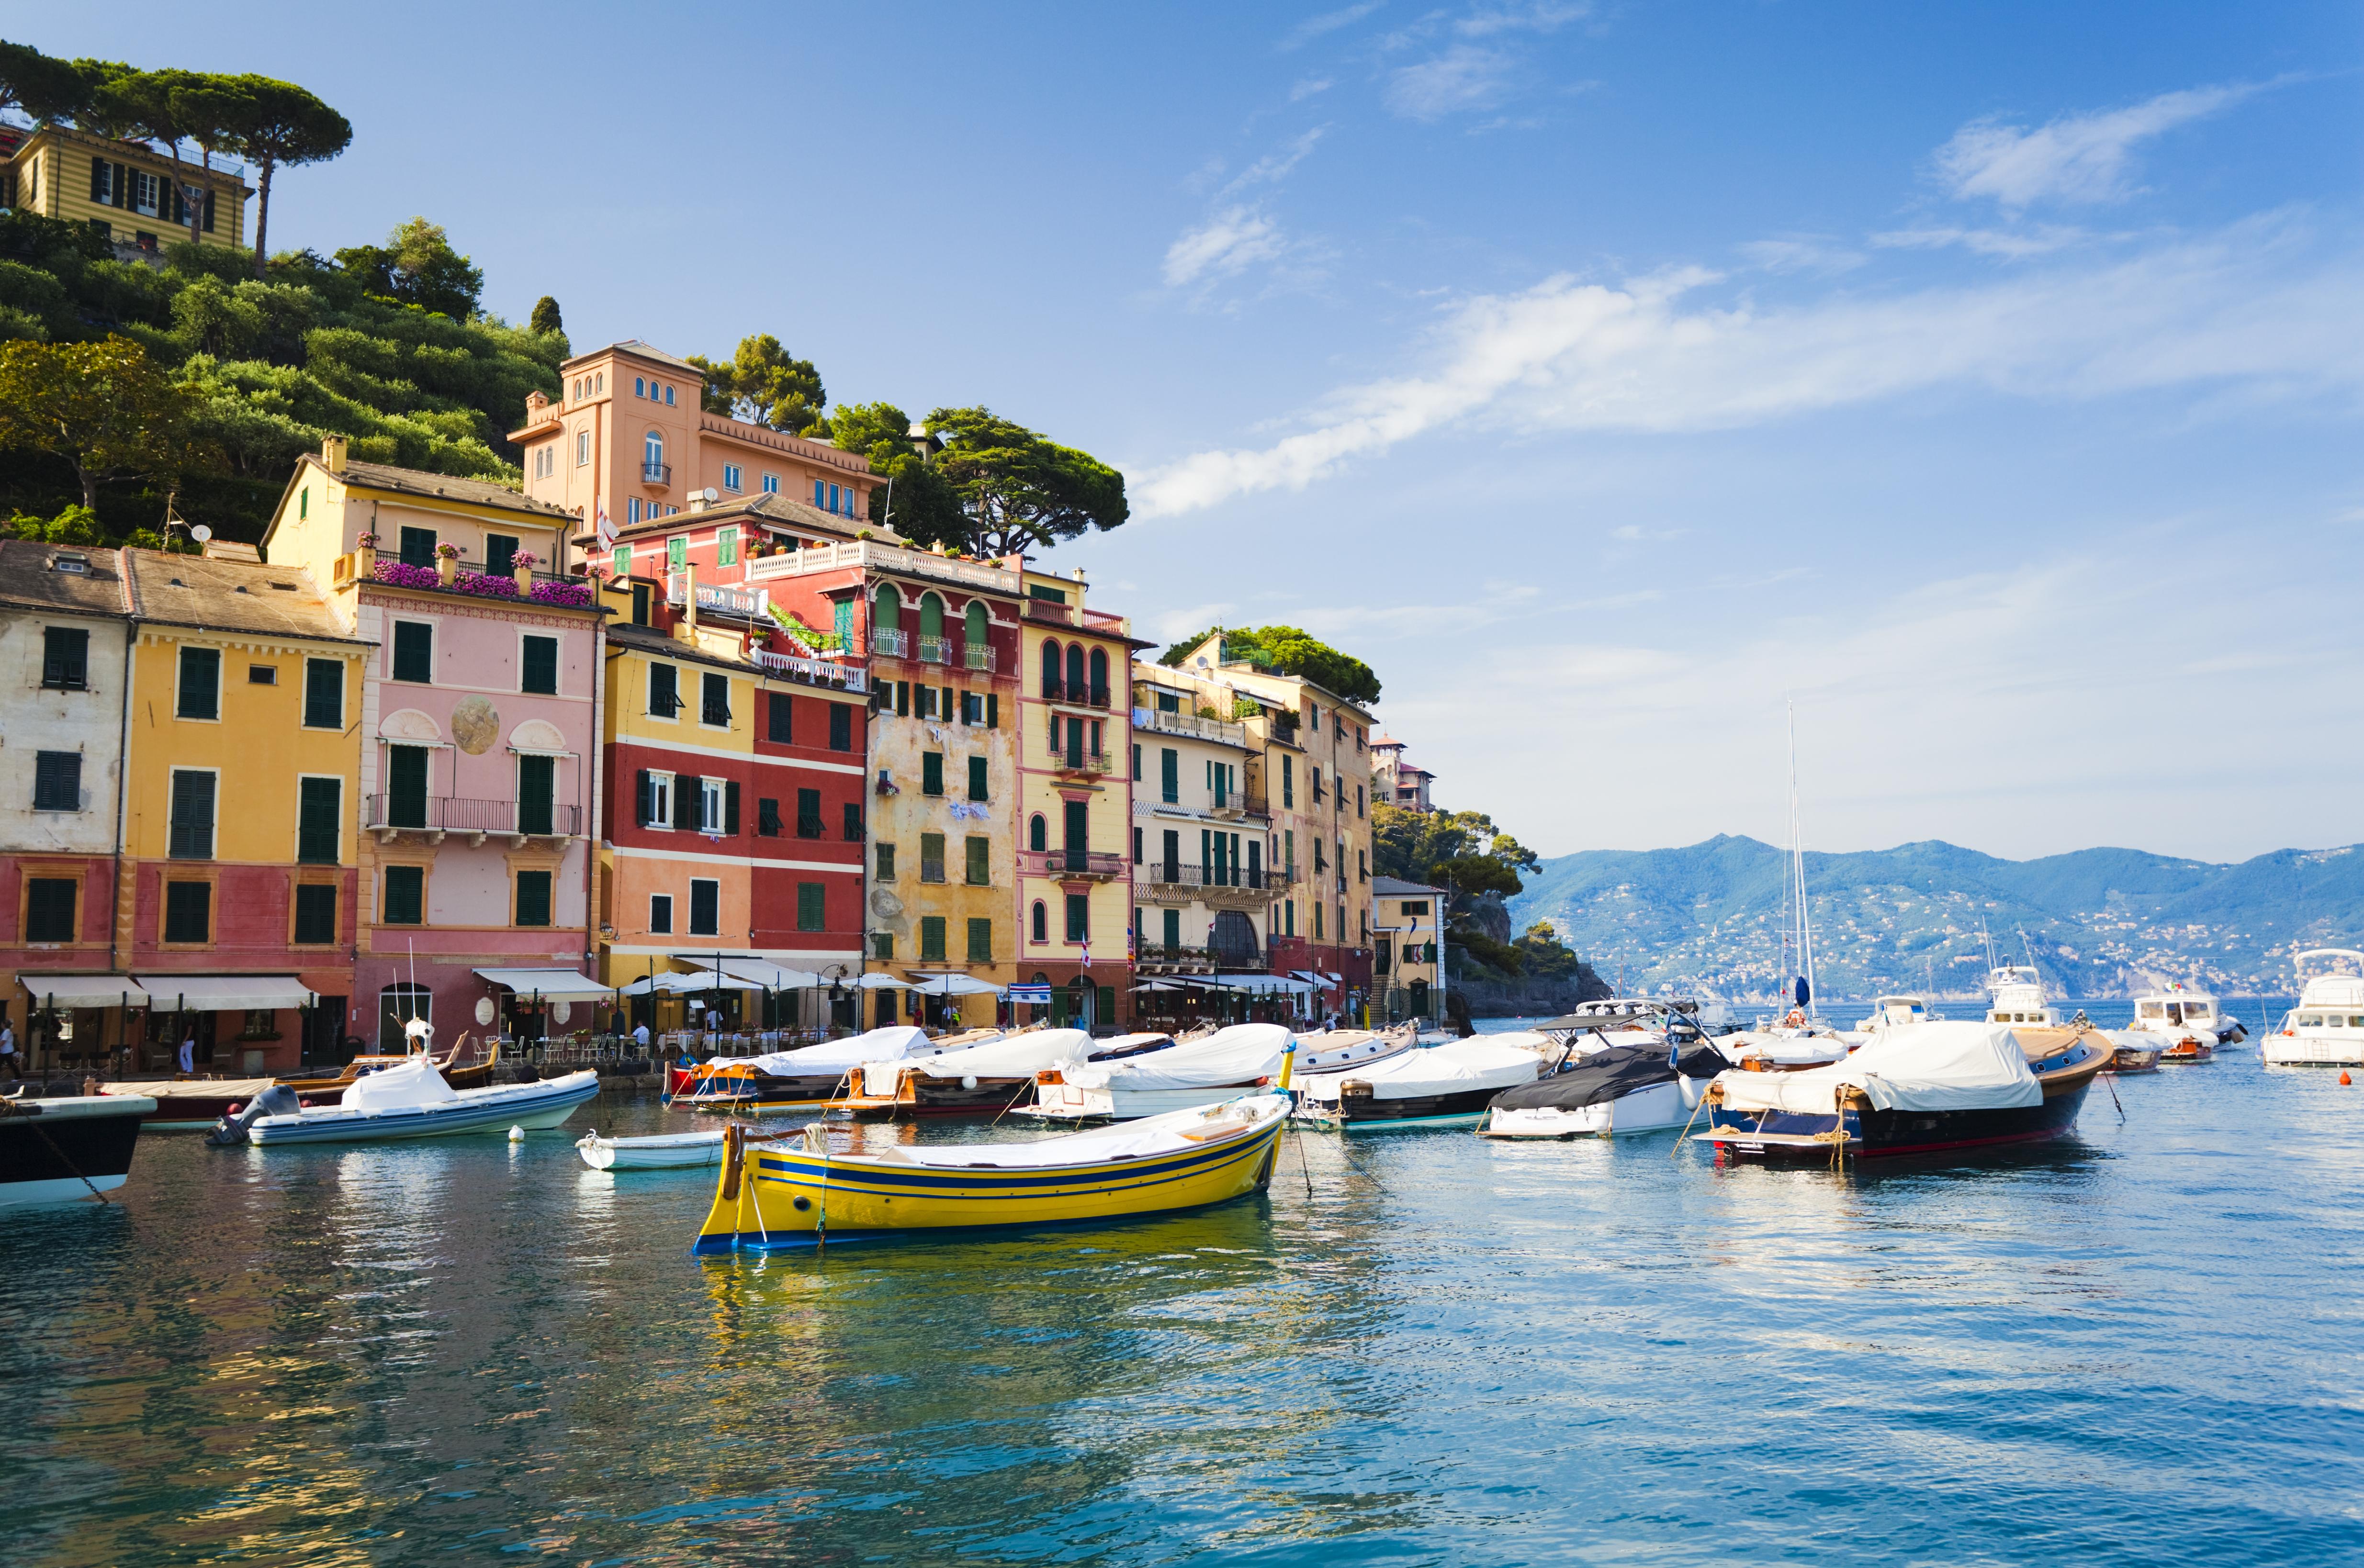 Veranea junto a famosos en el puerto más chic del mediterráneo - Italia Circuito Lo Mejor de Toscana